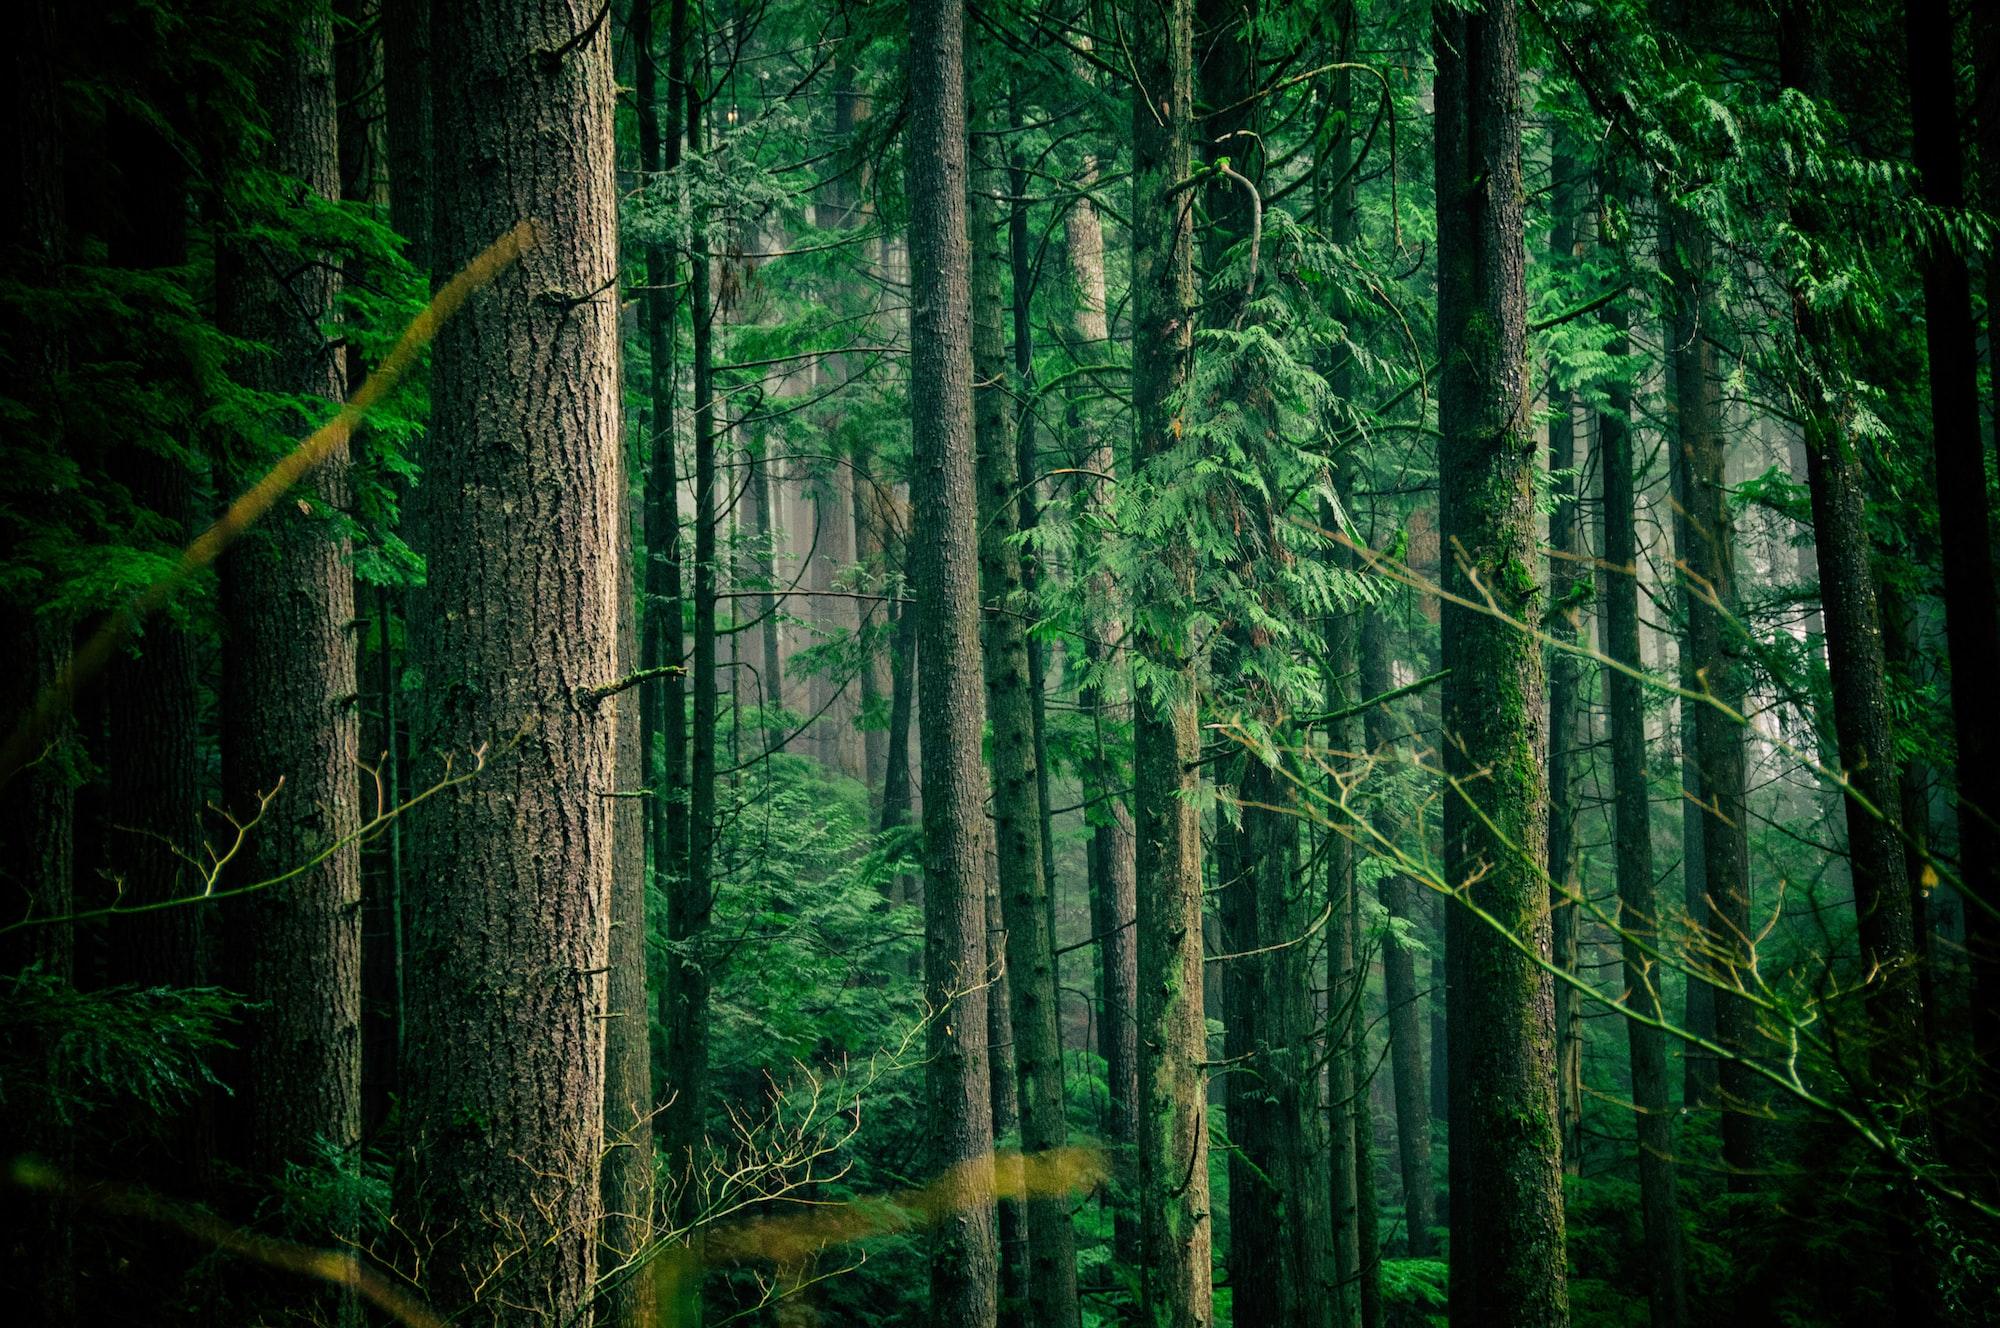 Hitzewelle 2020: Sind europäische Wälder gerüstet, sie zu überstehen?